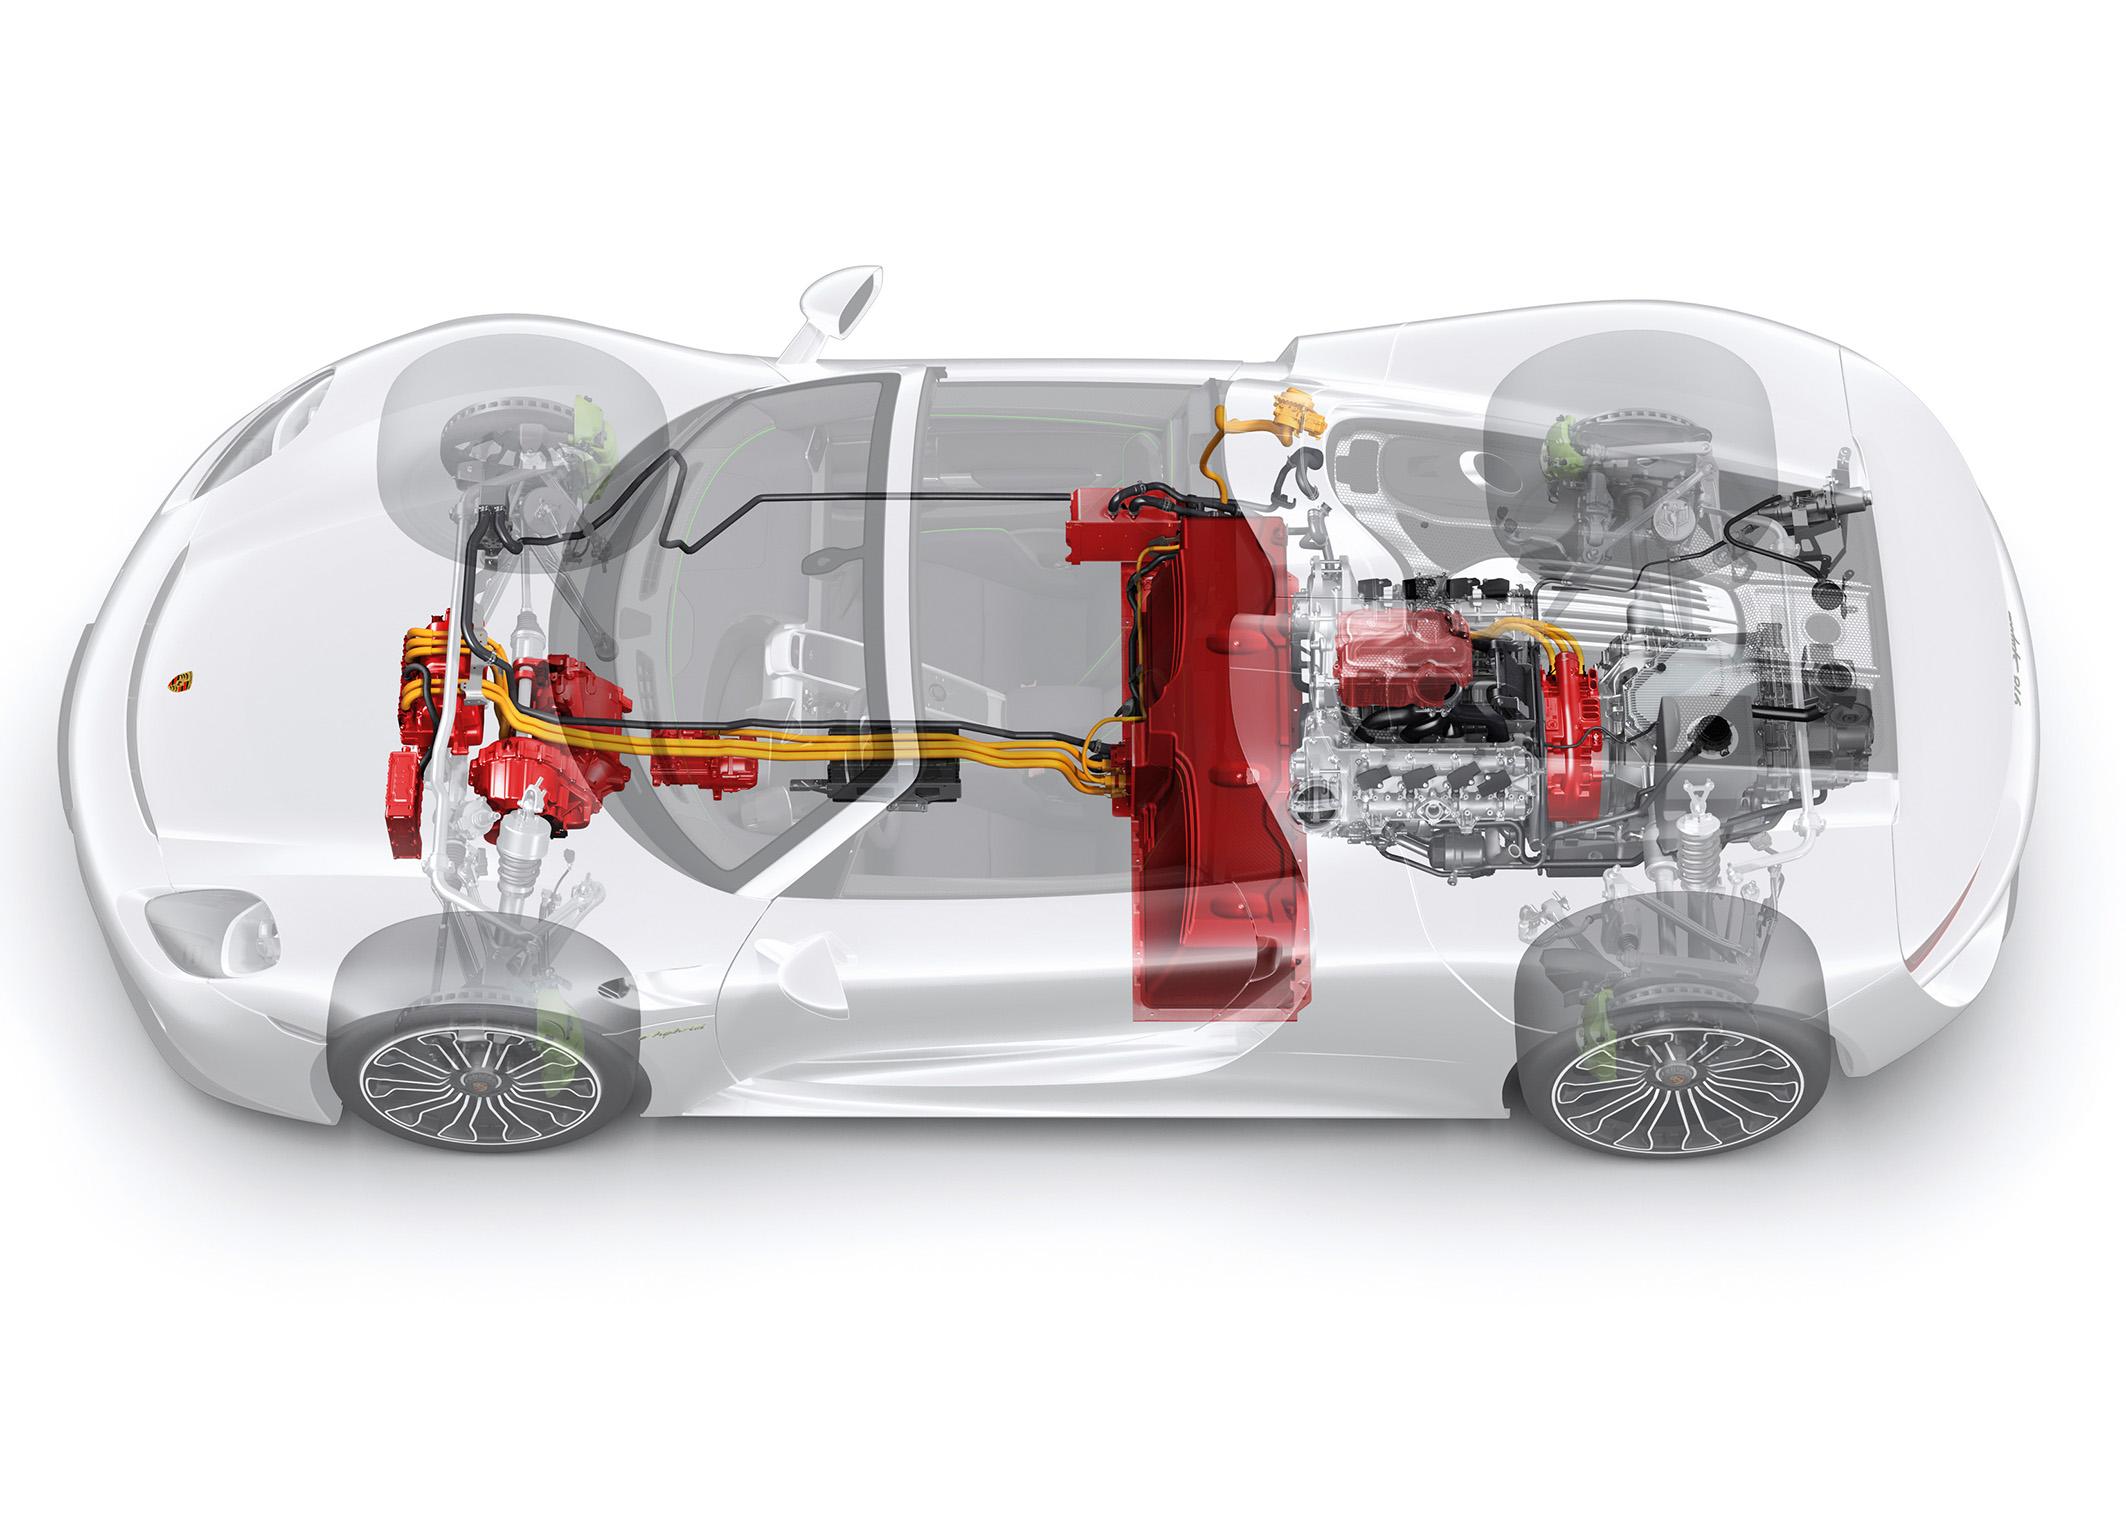 Porsche 918 Spyder Plug In Hybrid Components